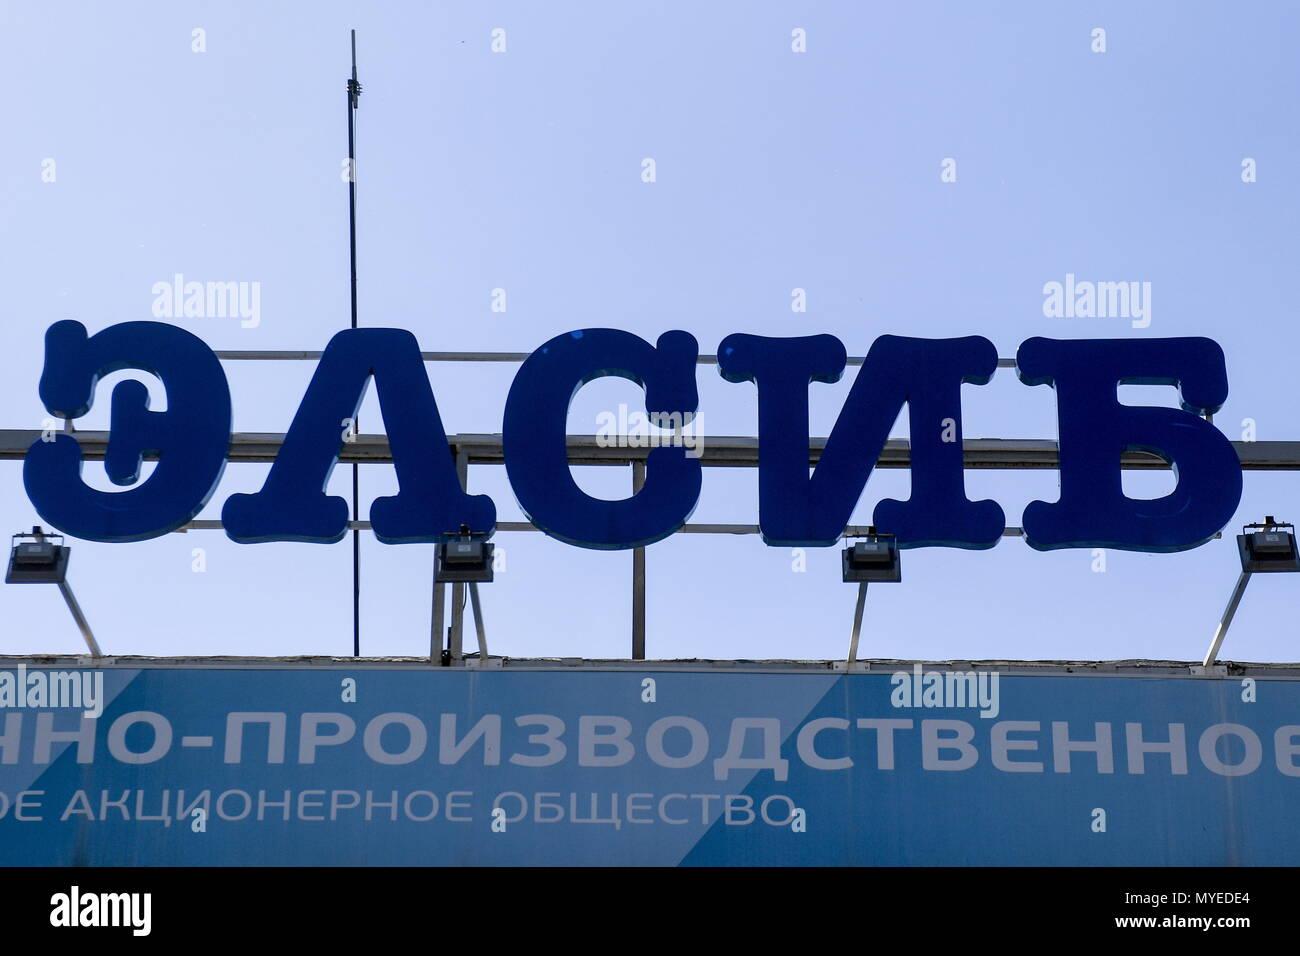 Novosibirsk, Russie. 07Th Juin, 2018. NOVOSIBIRSK, RUSSIE - 7 juin 2018: l'entrée de la société ELSIB la construction de machines. ELSIB conçoit et fabrique des turbo alternateurs, générateurs d'électricité à haute tension, moteurs électriques asynchrones et synchrones, et d'autres grandes machines électriques et systèmes d'excitation. Kirill/Kukhmar Crédit: TASS ITAR-TASS News Agency/Alamy Live News Photo Stock